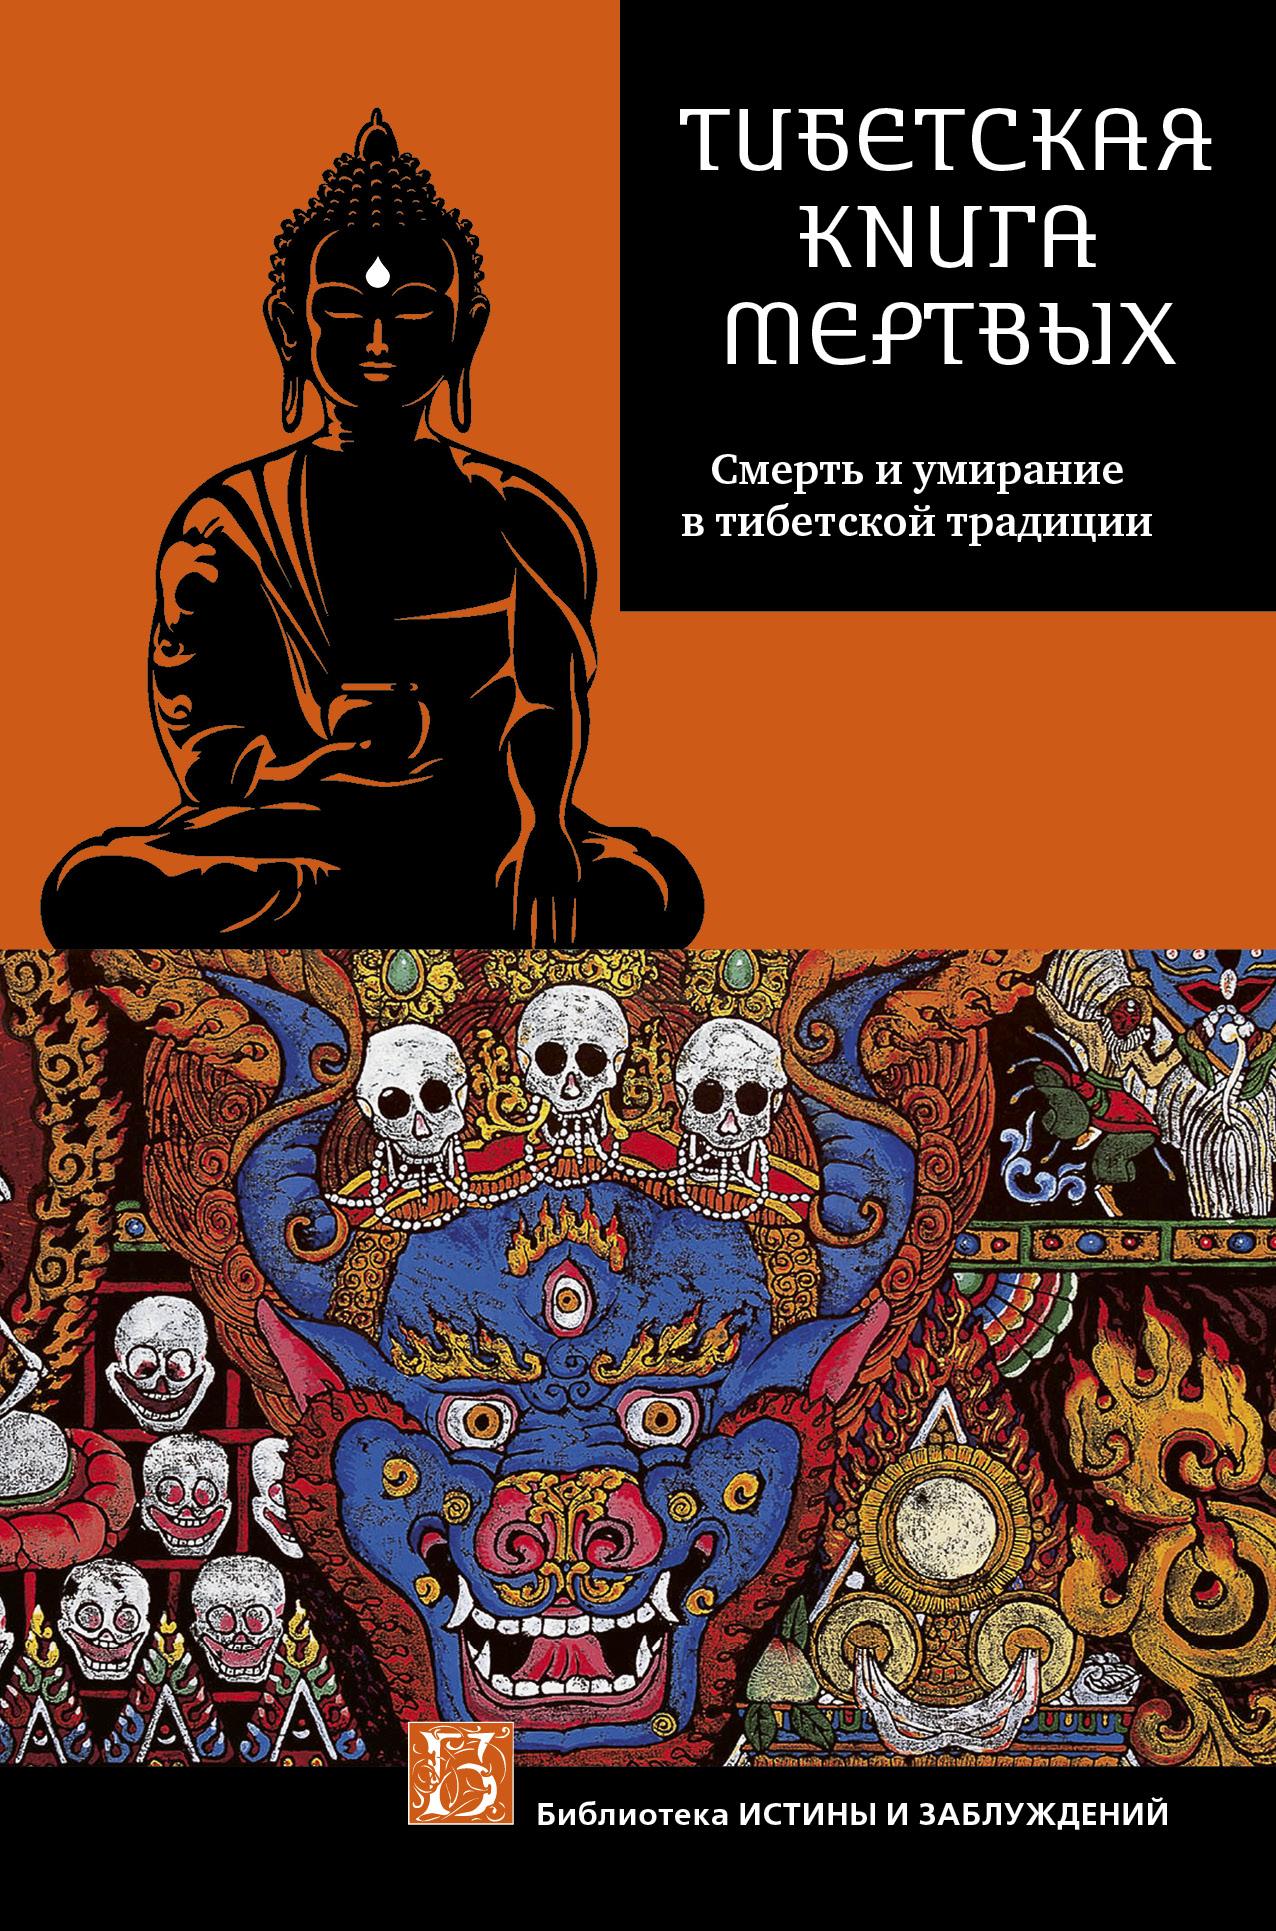 ТИБЕТСКАЯ КНИГА МЕРТВЫХ. Смерть и умирание в тибетской традиции. ( Боченков А.И.  )